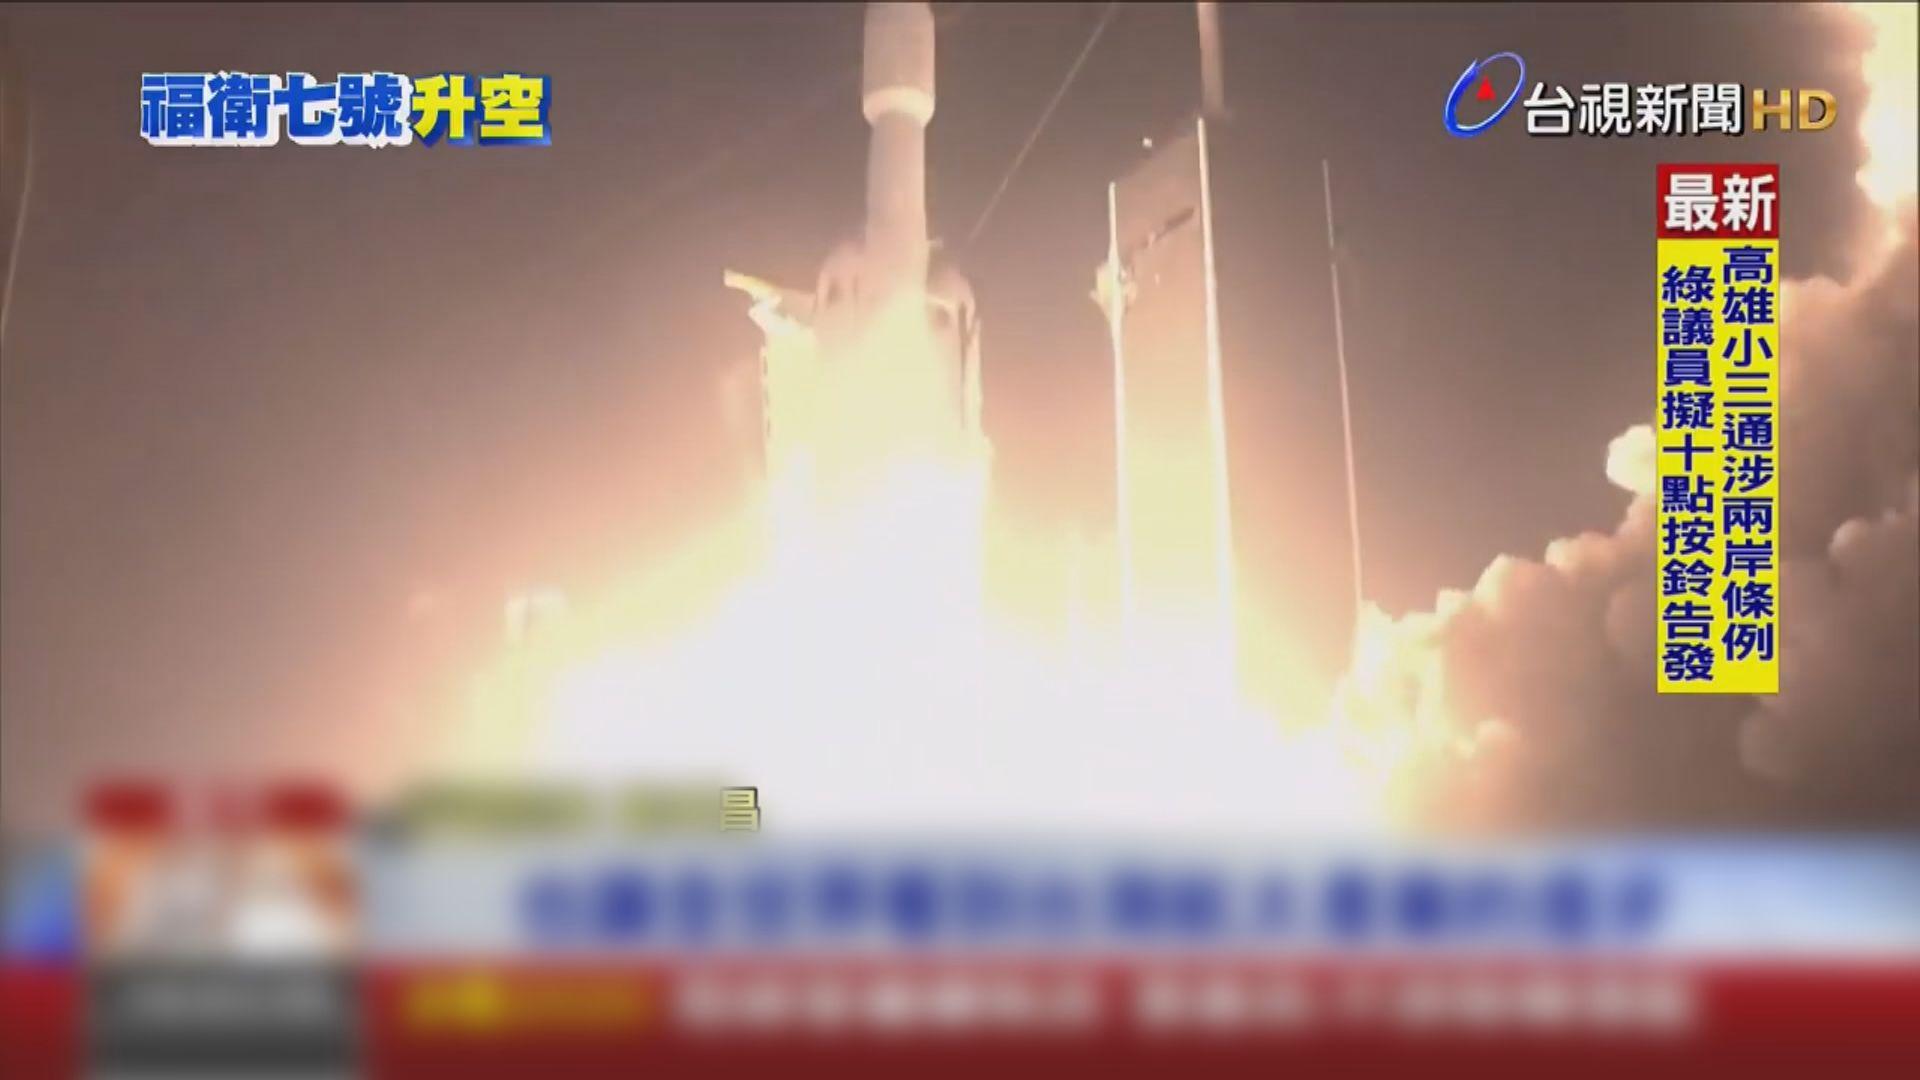 台灣行政院通過《太空發展法》草案 促進太空產業發展